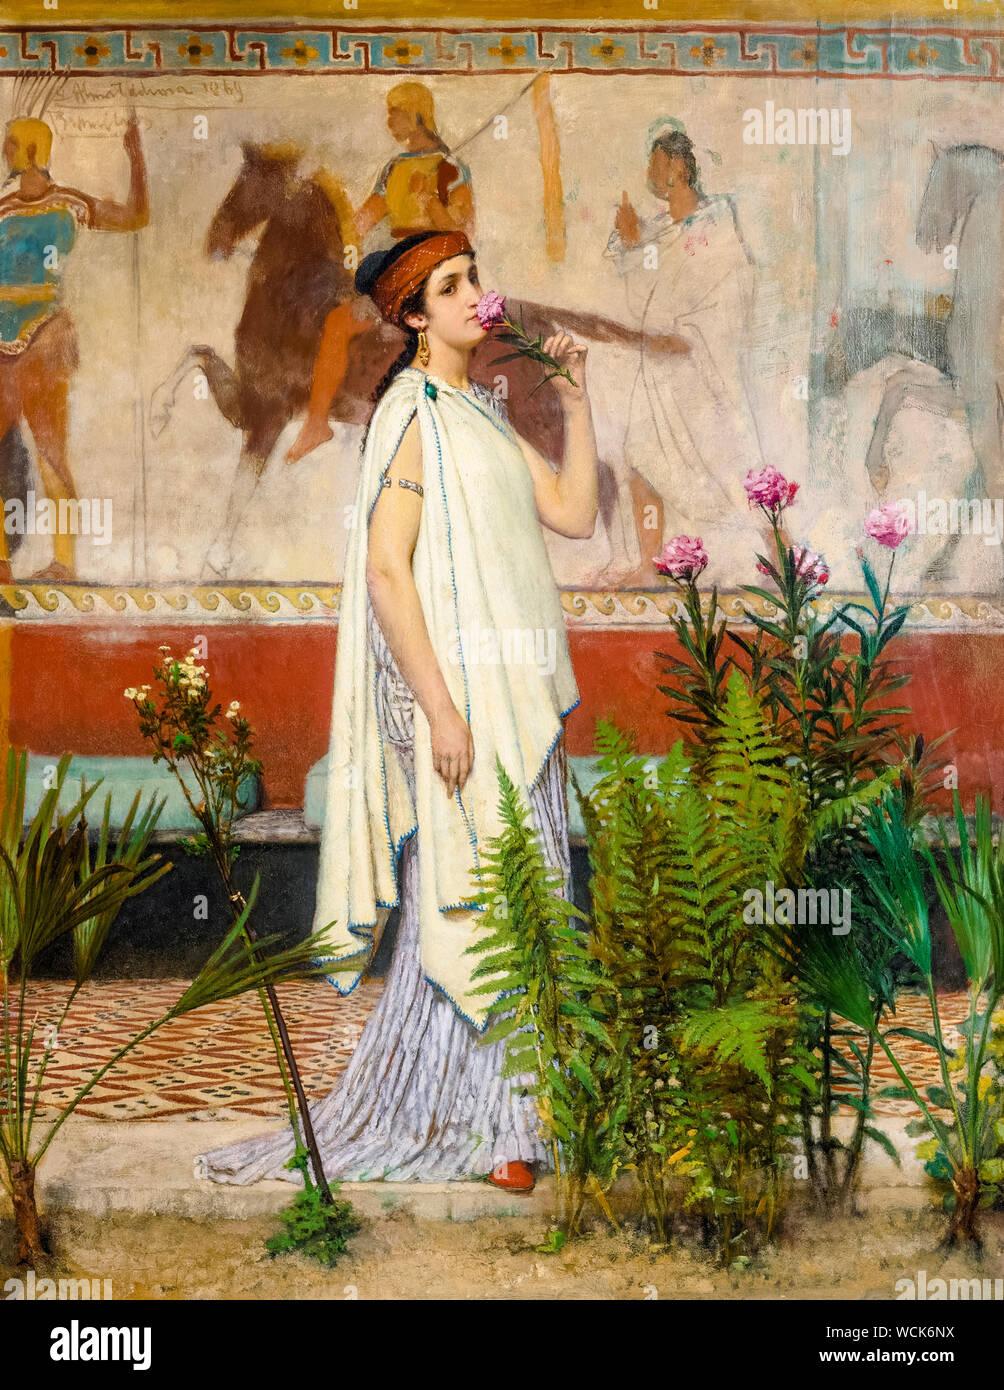 Pittura Greca Immagini E Fotos Stock Alamy